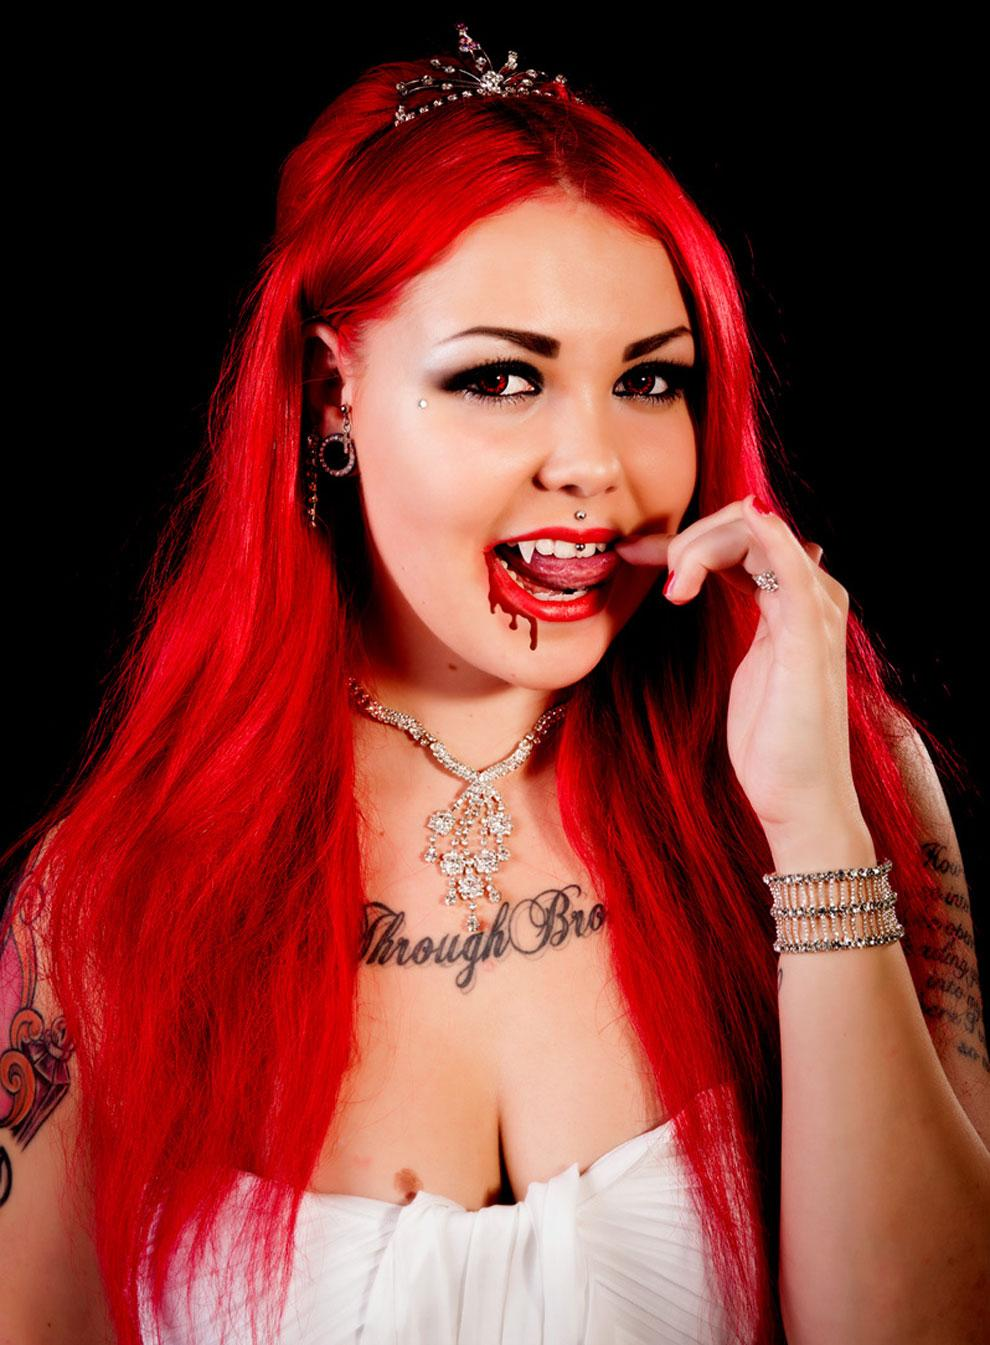 Lady Laurenn verisenä vampyyrihirviön morsiamena - kuvat!